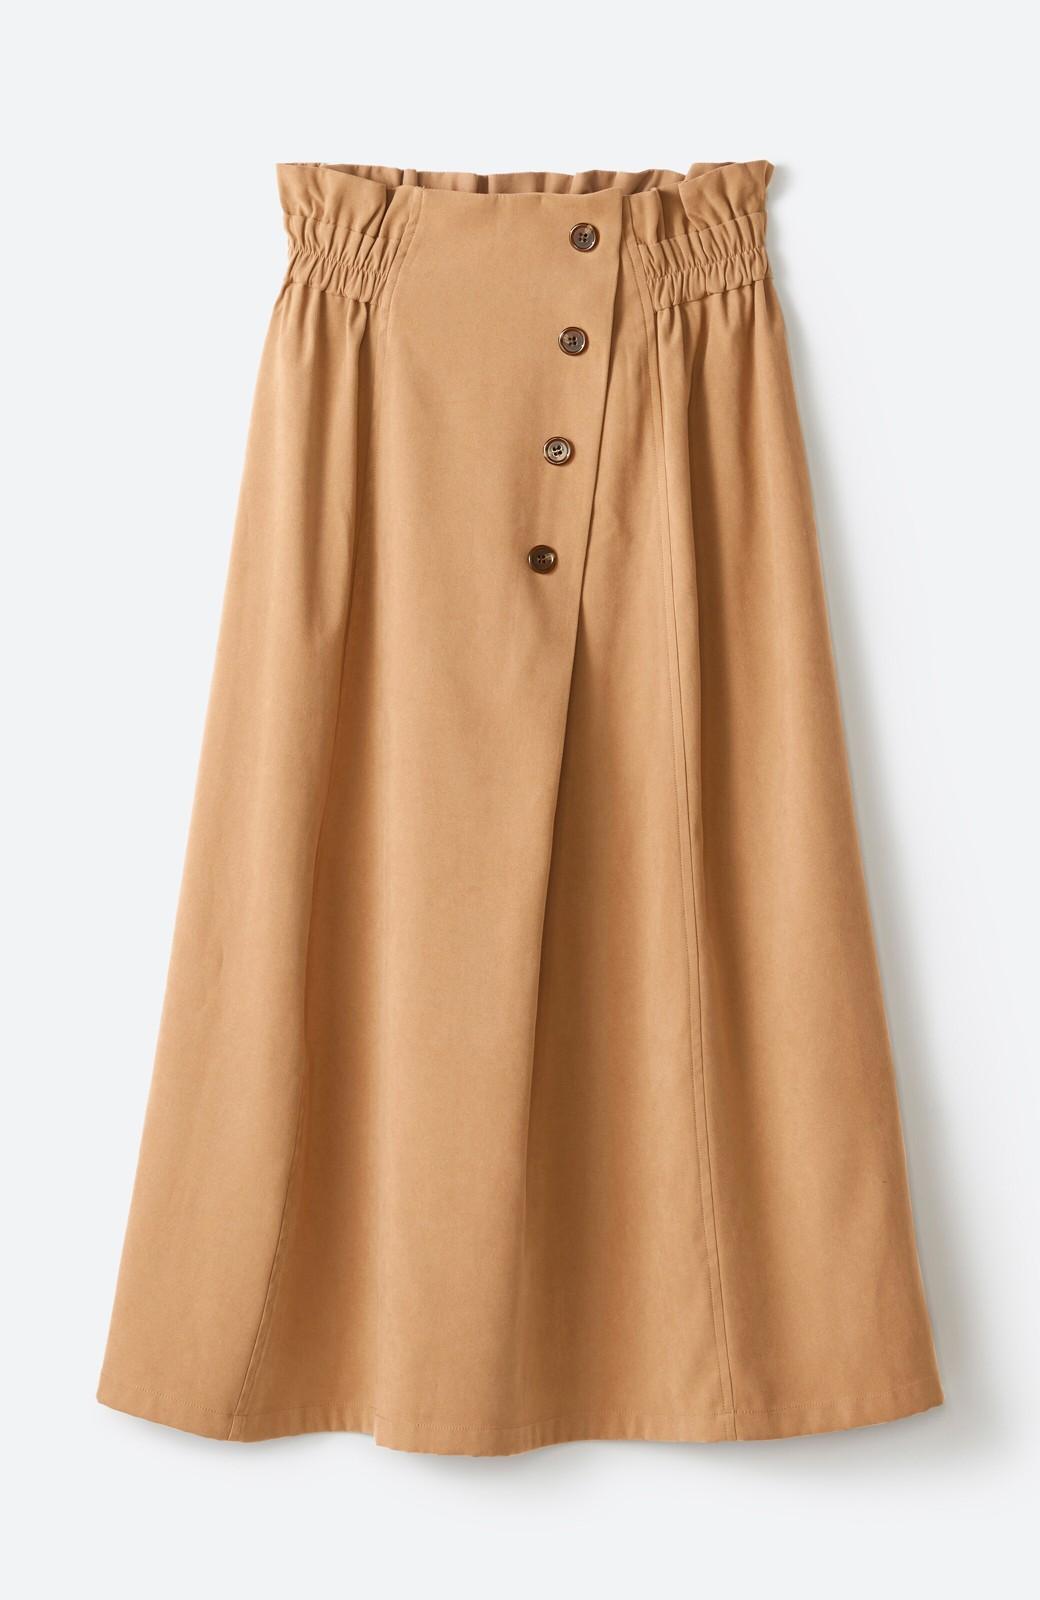 haco! 楽ちんなのにきれい見せが叶う ボタンがポイントの大人スカート <ベージュ>の商品写真14